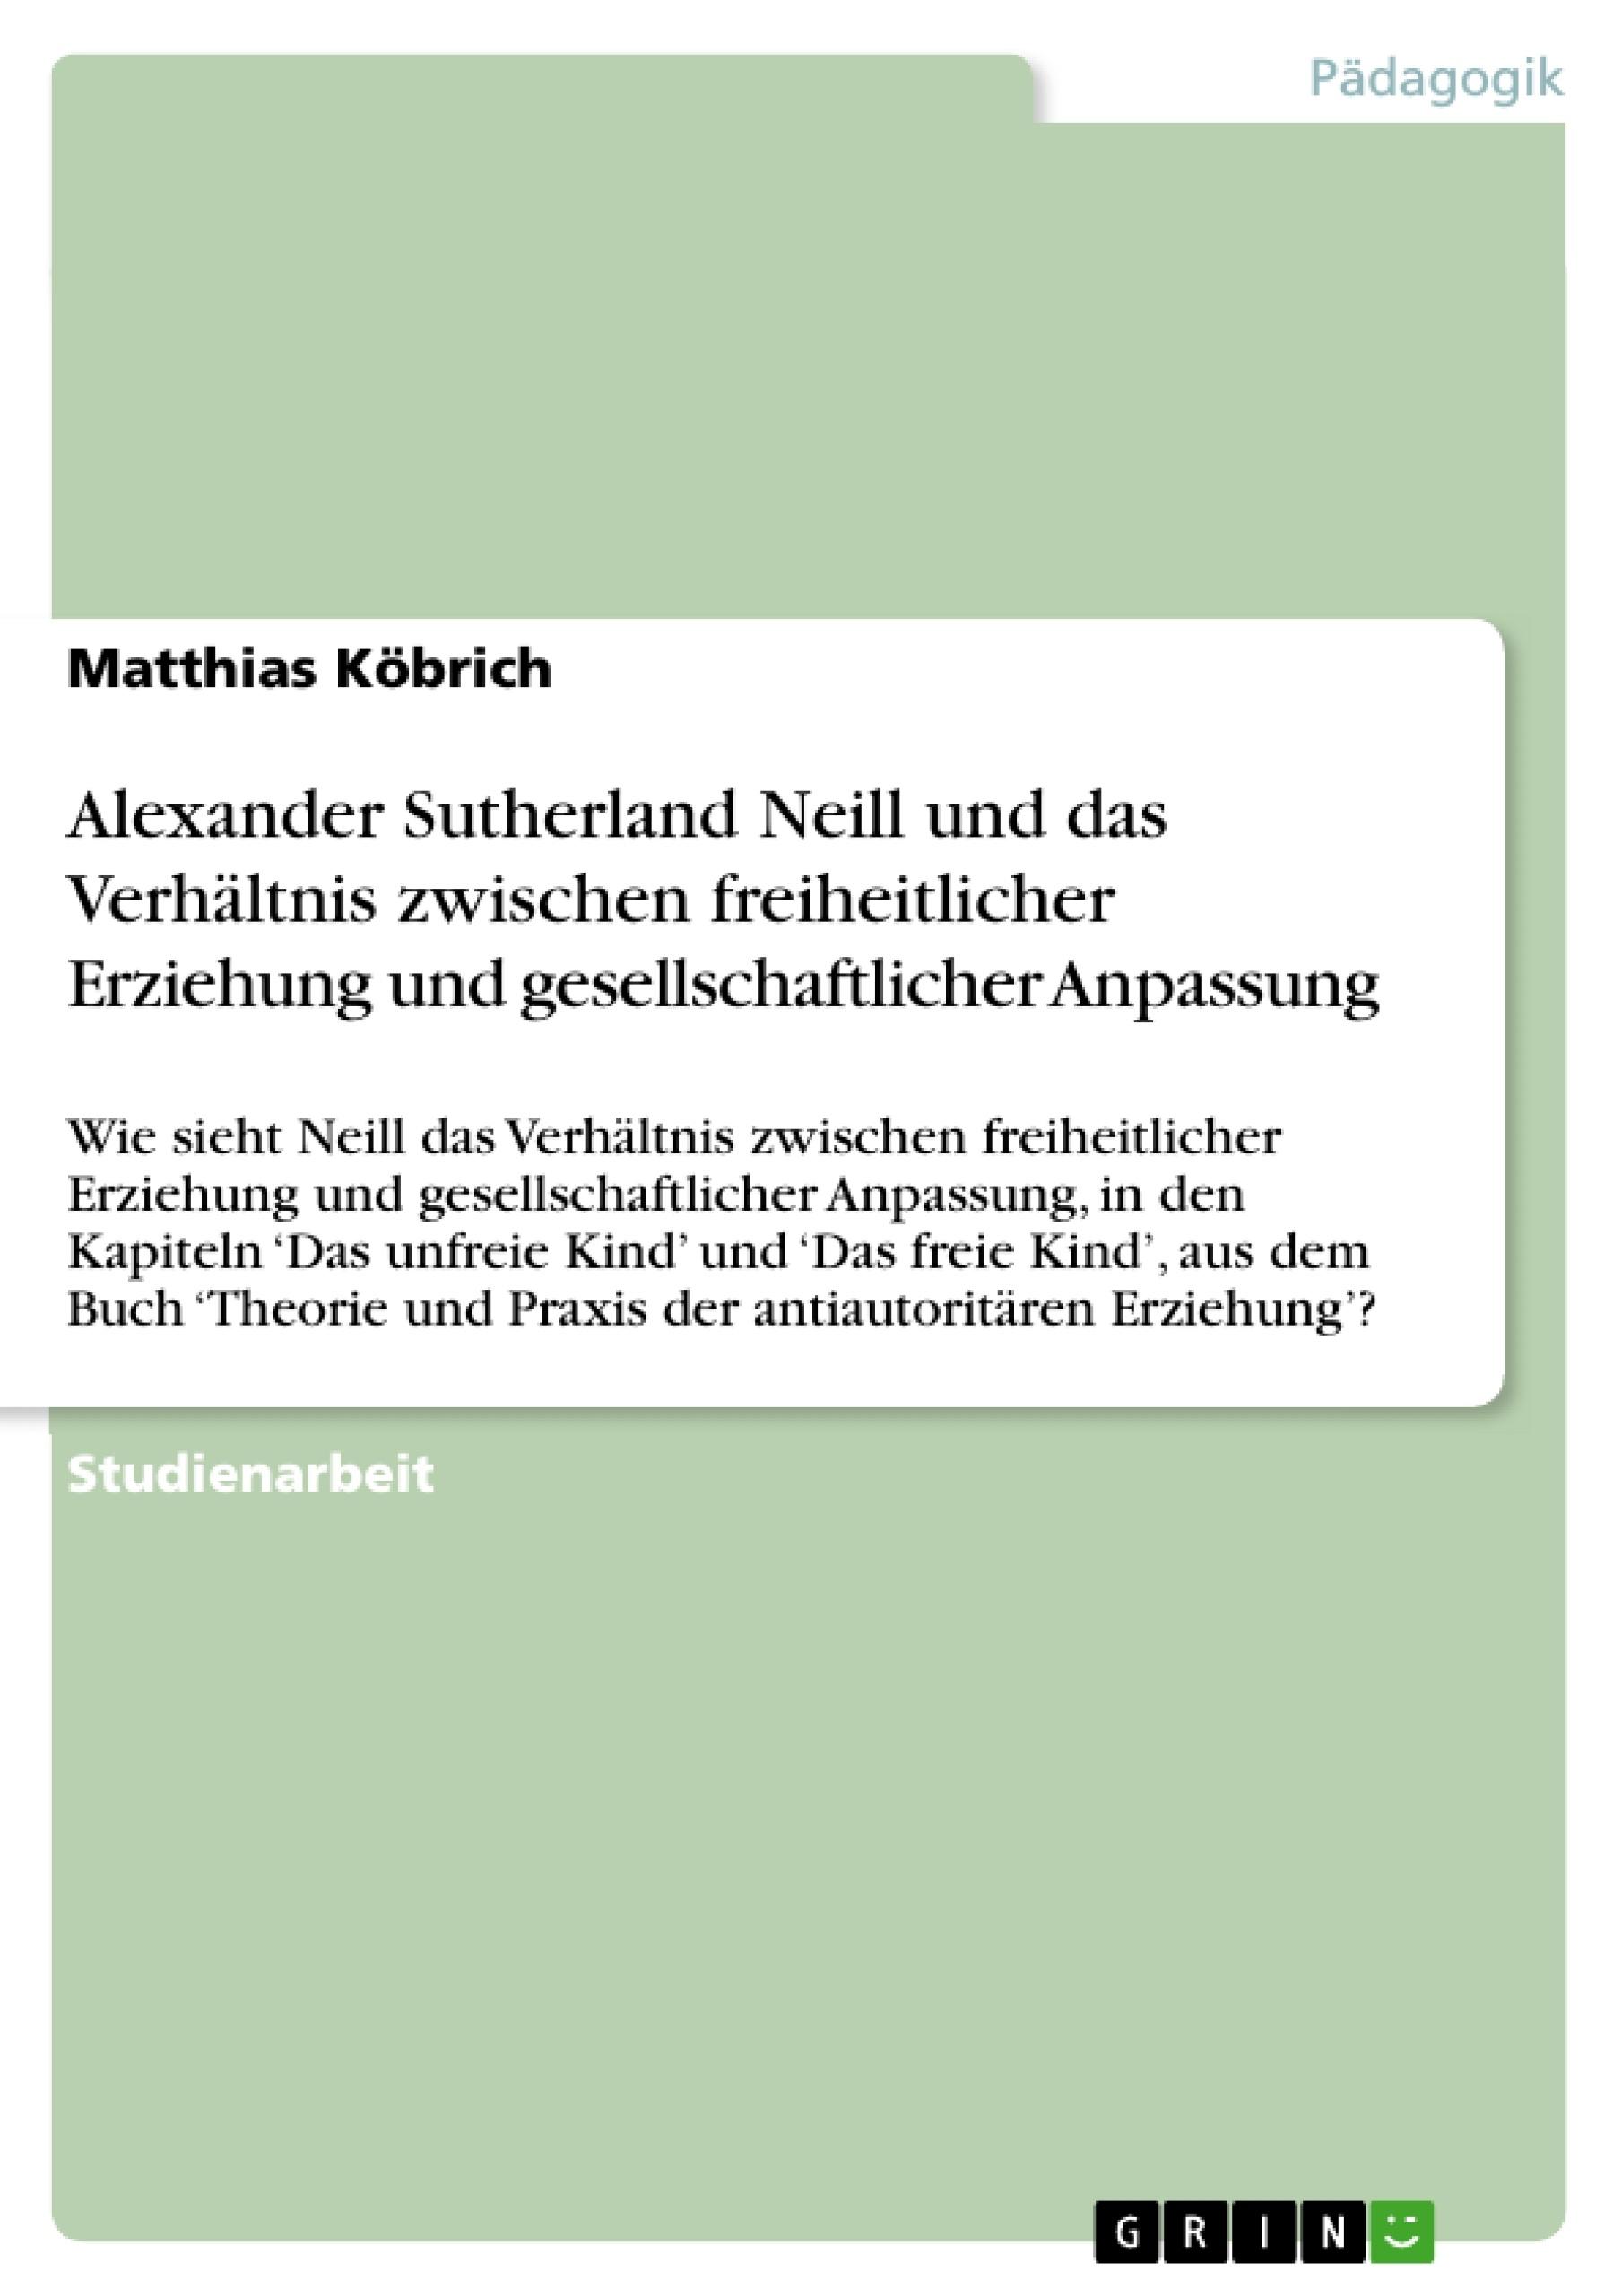 Titel: Alexander Sutherland Neill und das Verhältnis zwischen freiheitlicher Erziehung und gesellschaftlicher Anpassung